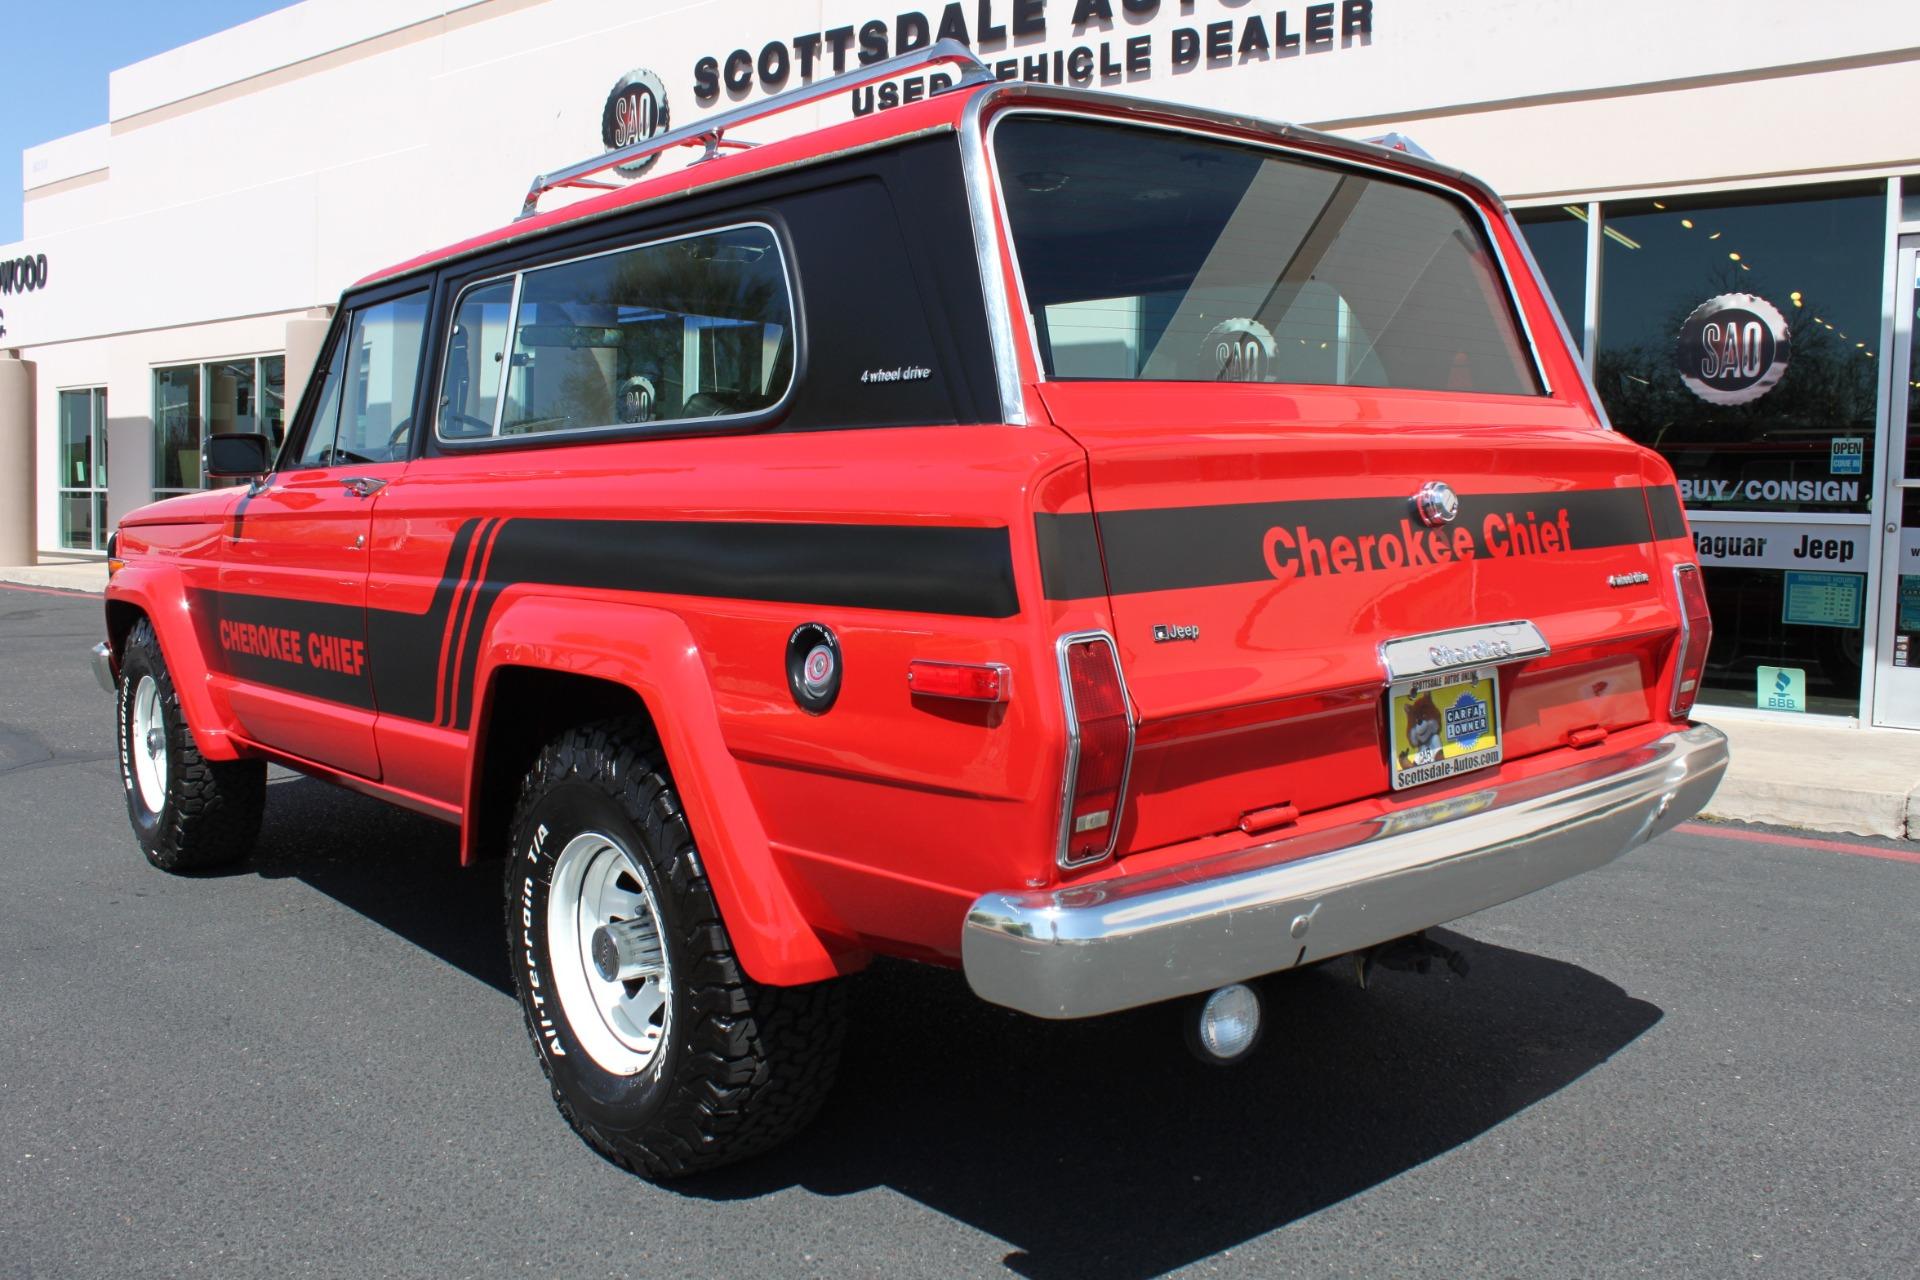 Used-1983-Jeep-Cherokee-Chief-4WD-Grand-Wagoneer